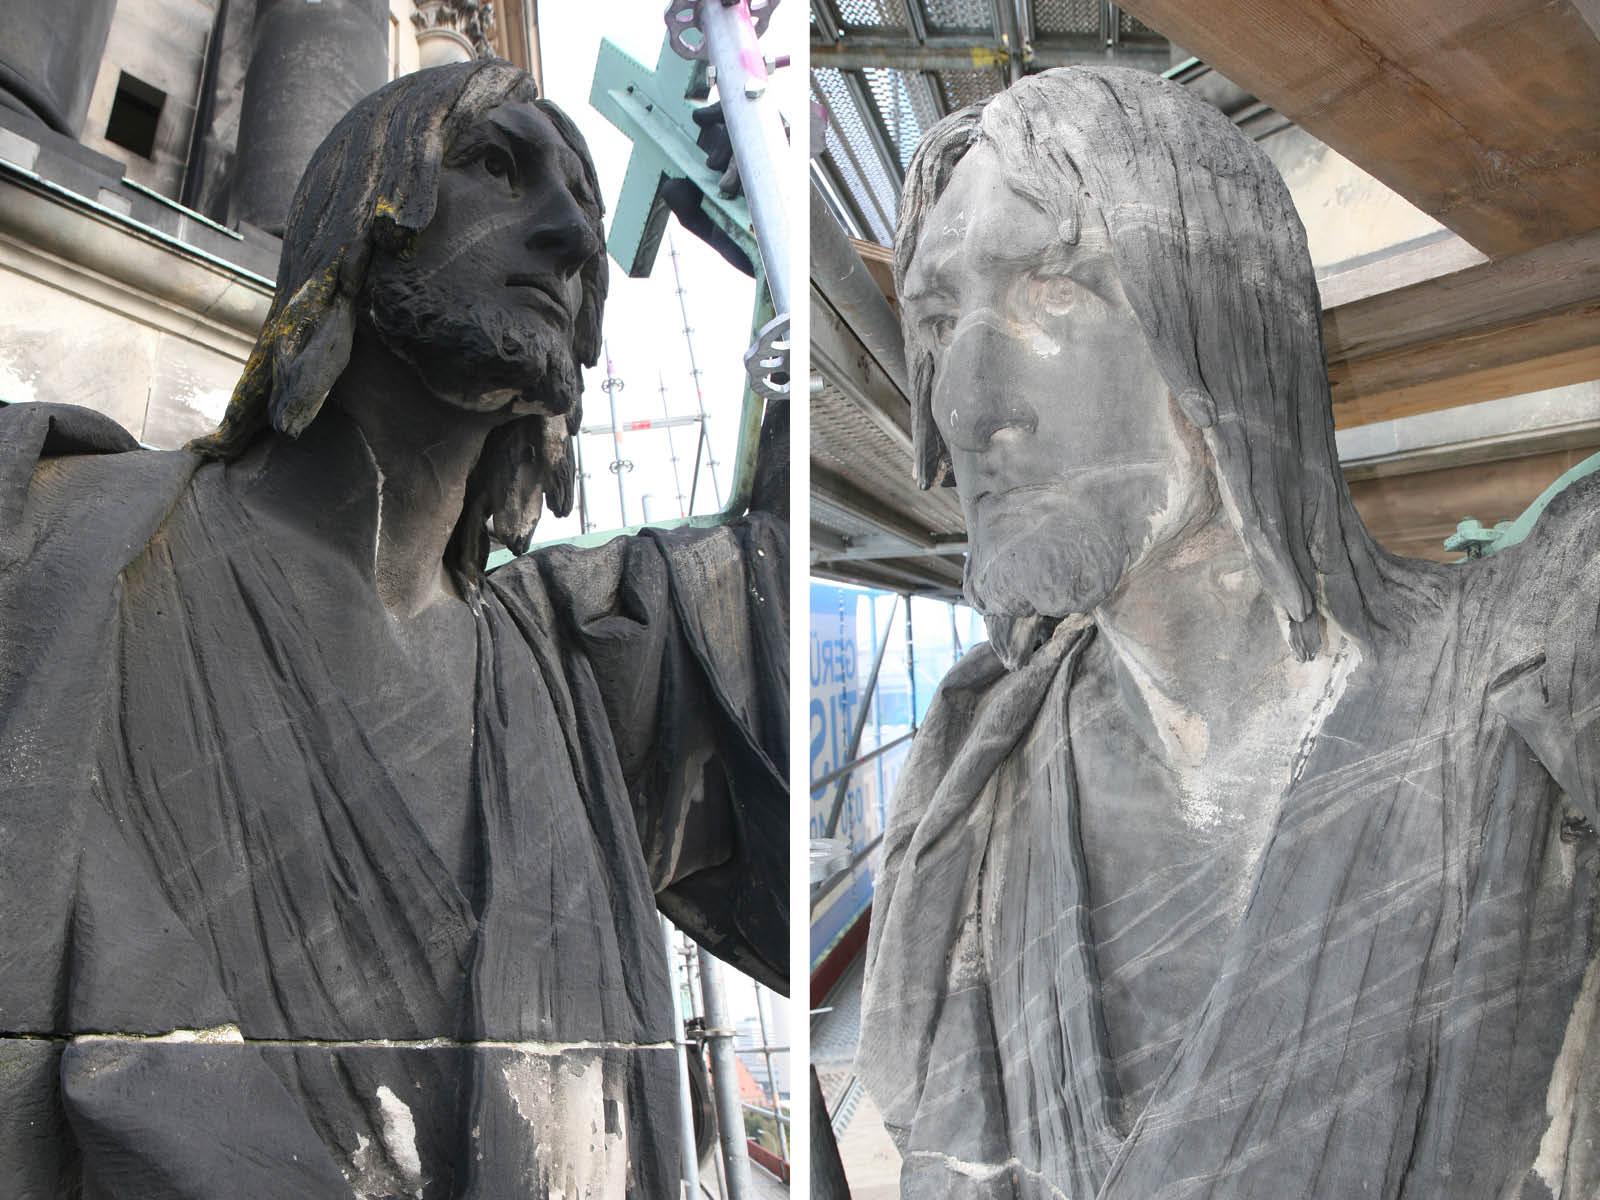 Apostel Jakobus vor und nach der Restaurierung 2020 (Fotos: Sonja Tubbesing)